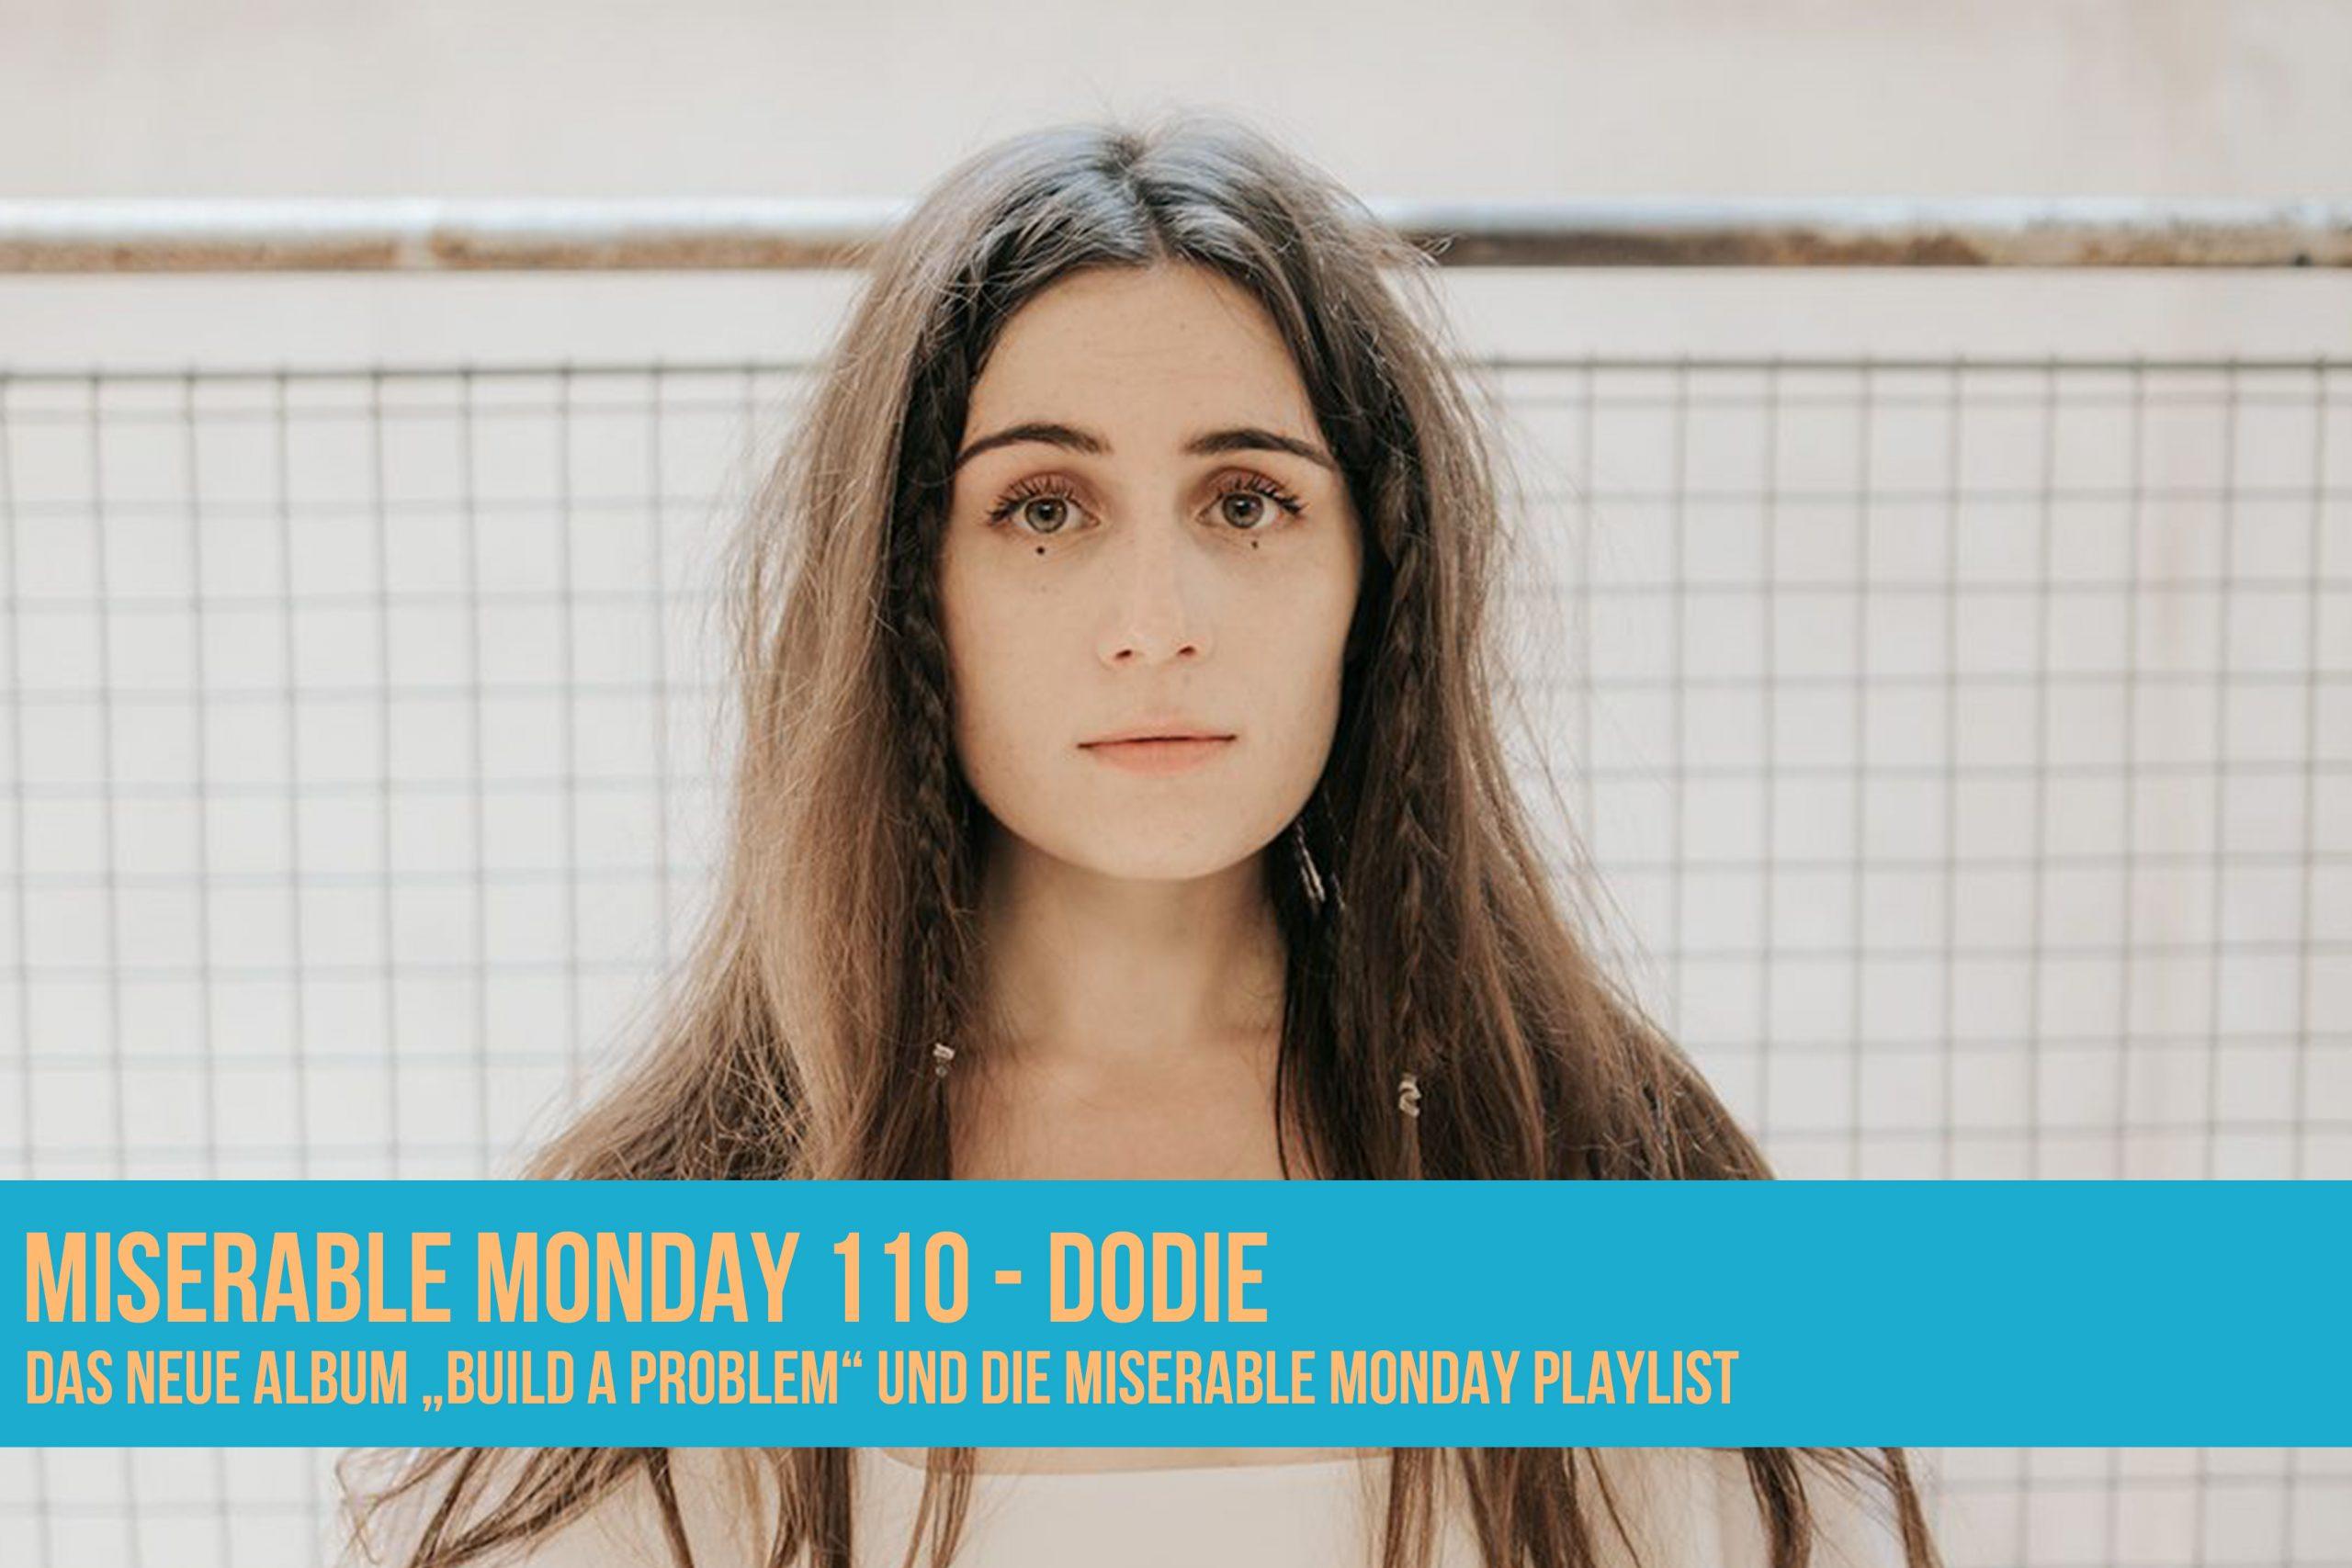 110 - Dodie